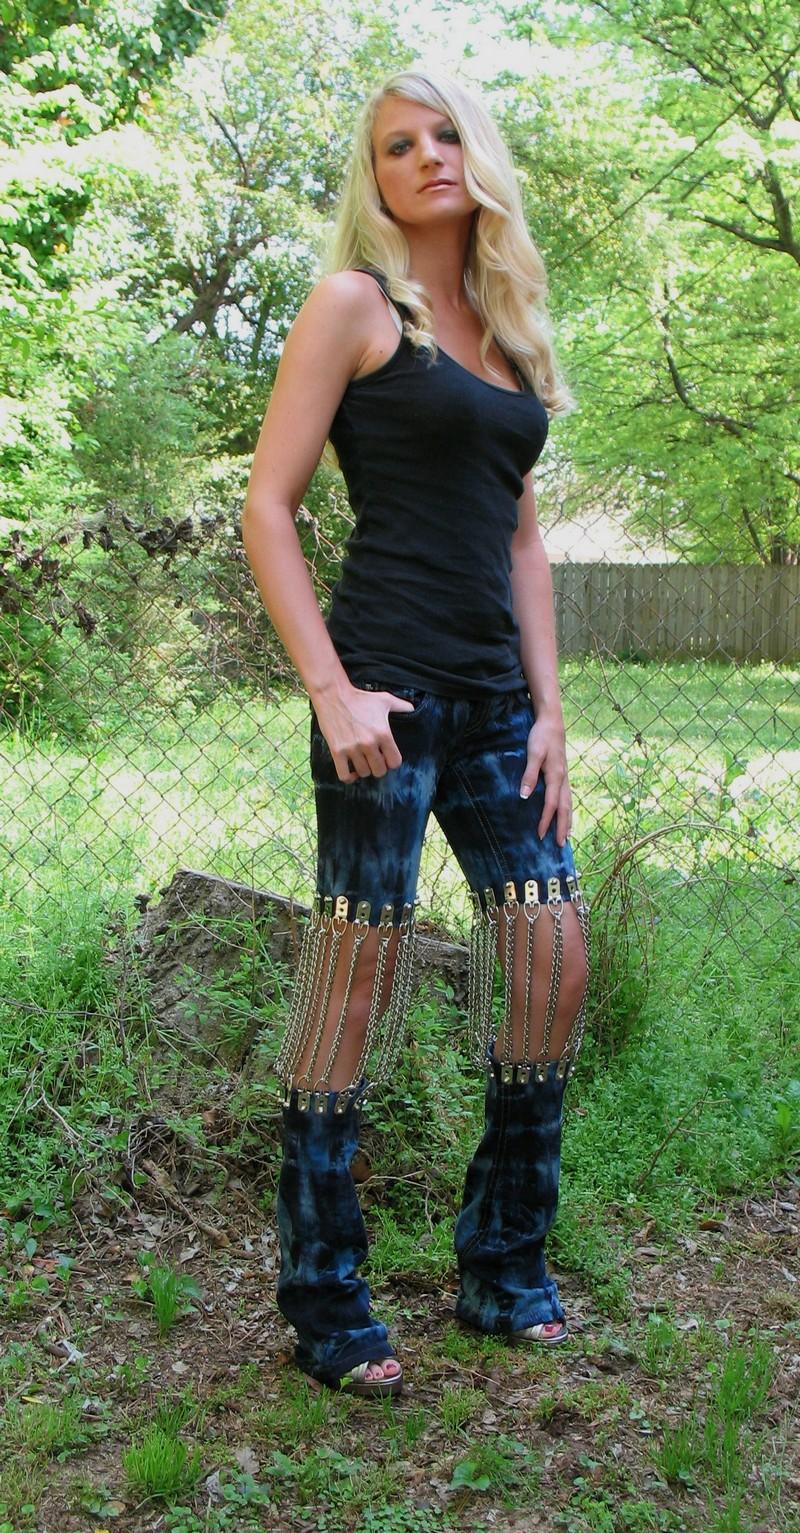 Дырки и потертости уже не катят, надо штанцы на коленях разрывать